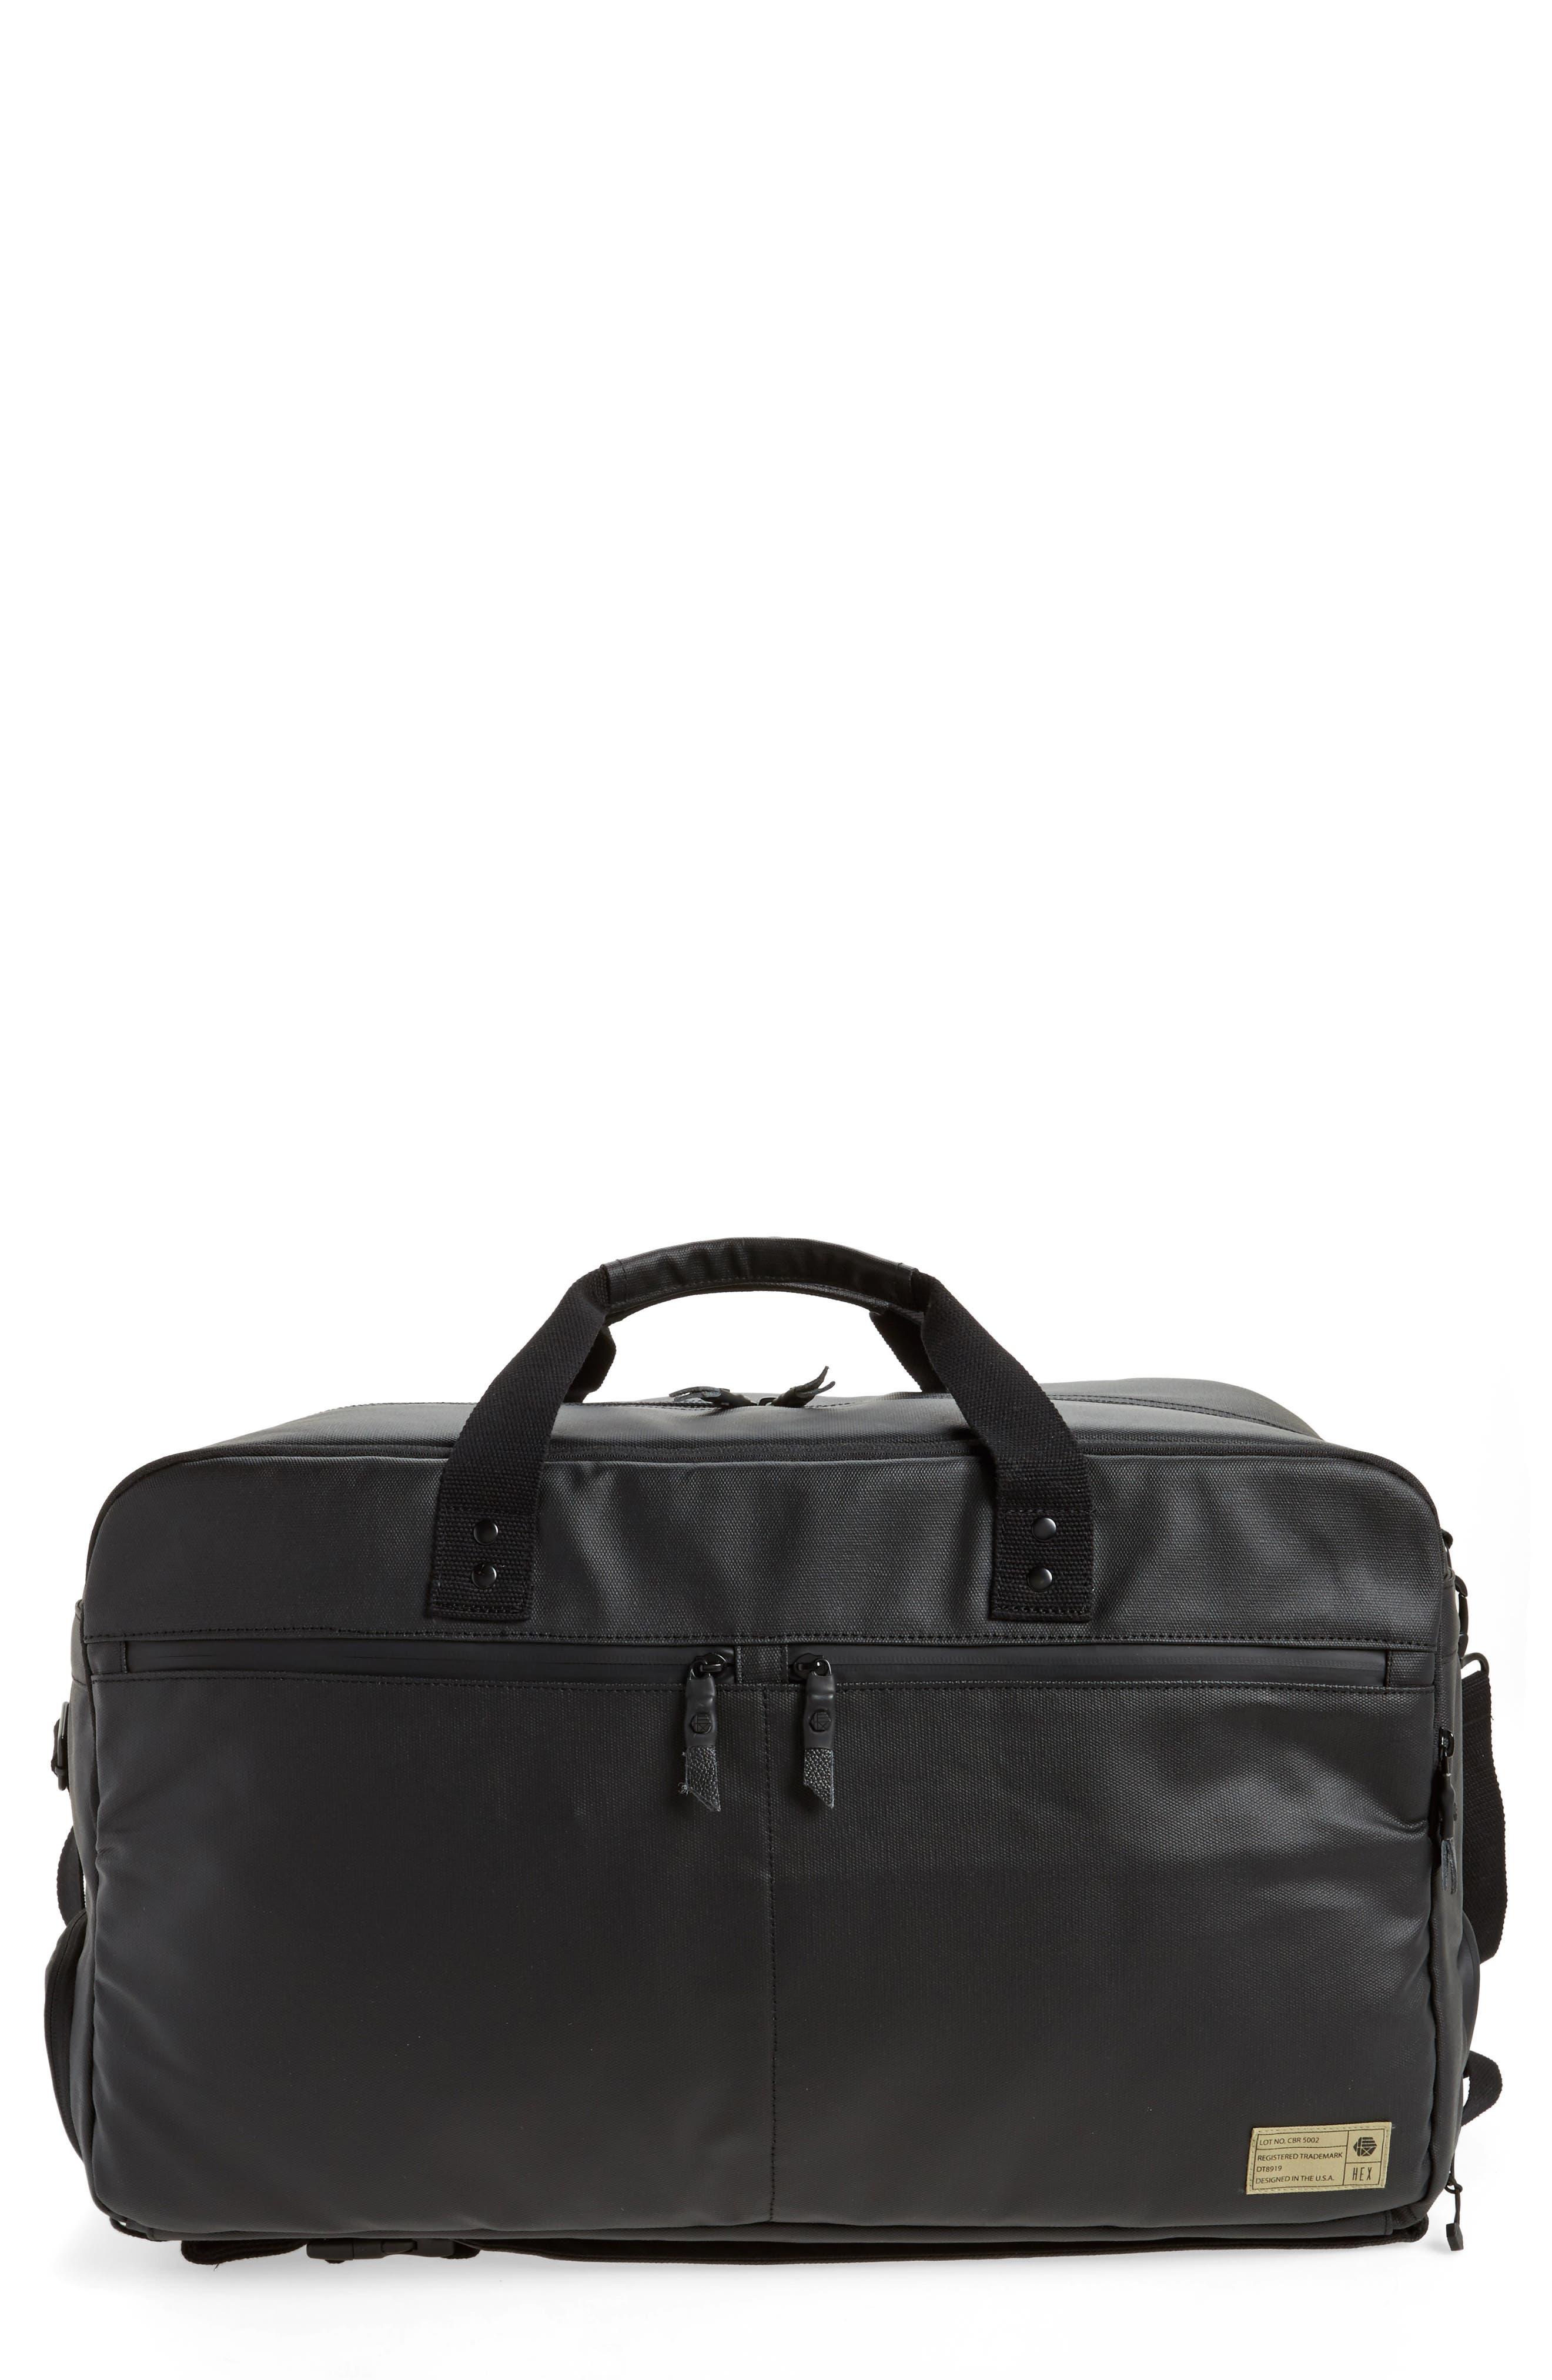 Convertible Duffel Bag,                         Main,                         color, 001